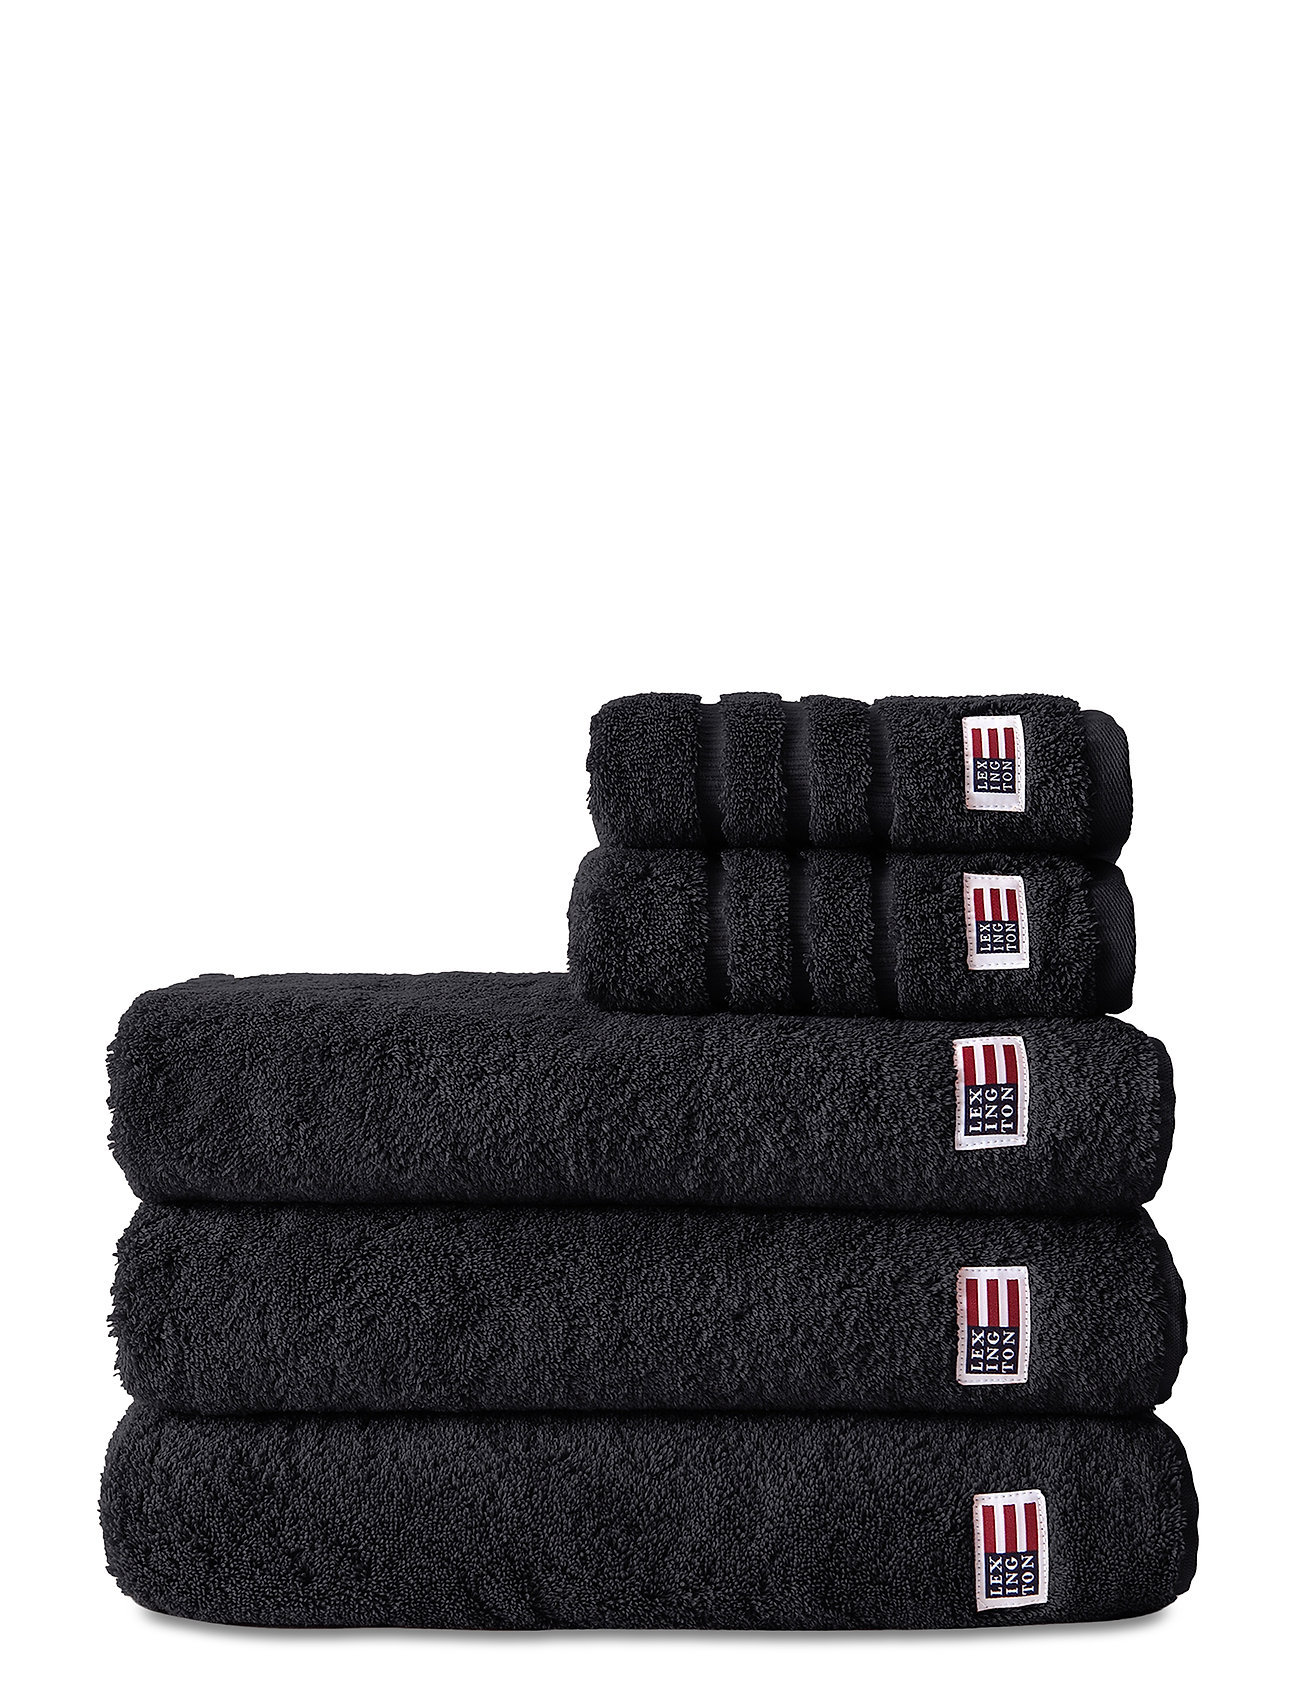 Original Towel Black - Lexington Home